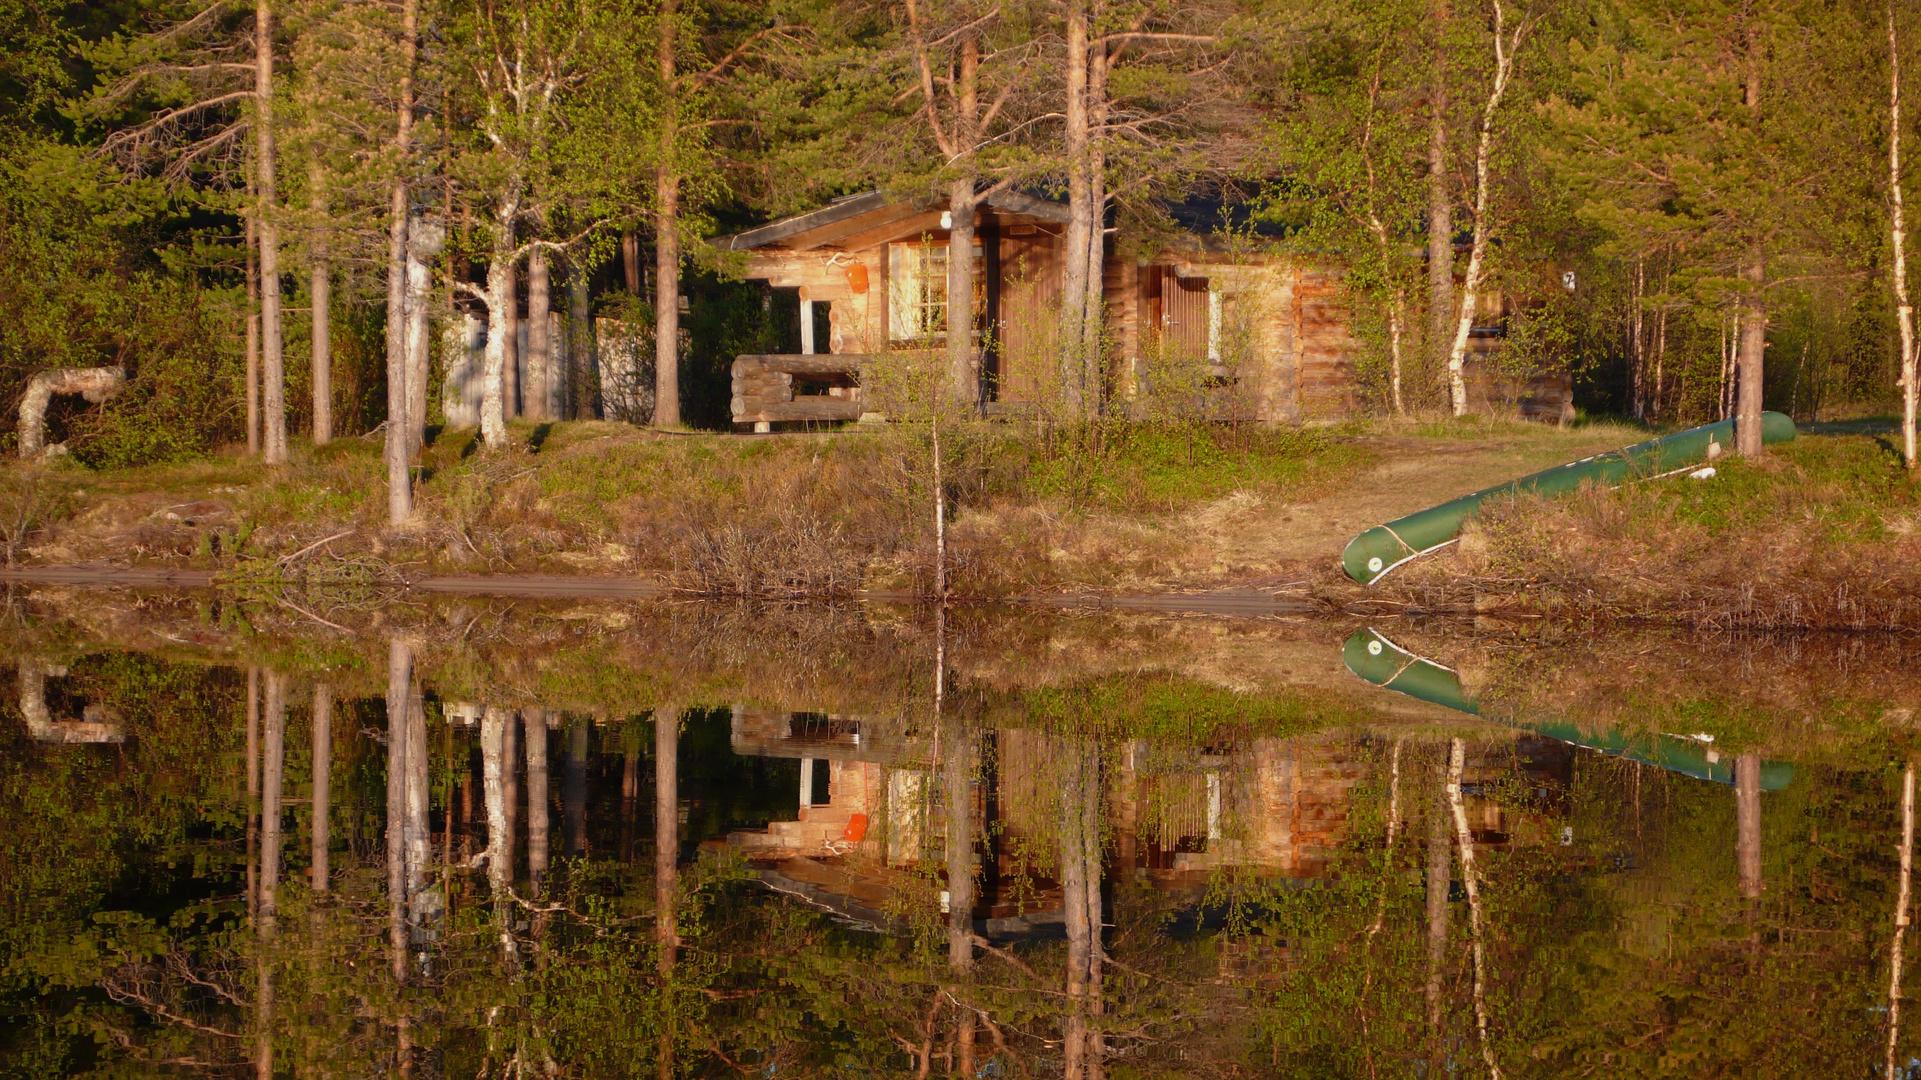 Mittsommer in Finnland, 08.Juni, 22:34 Uhr